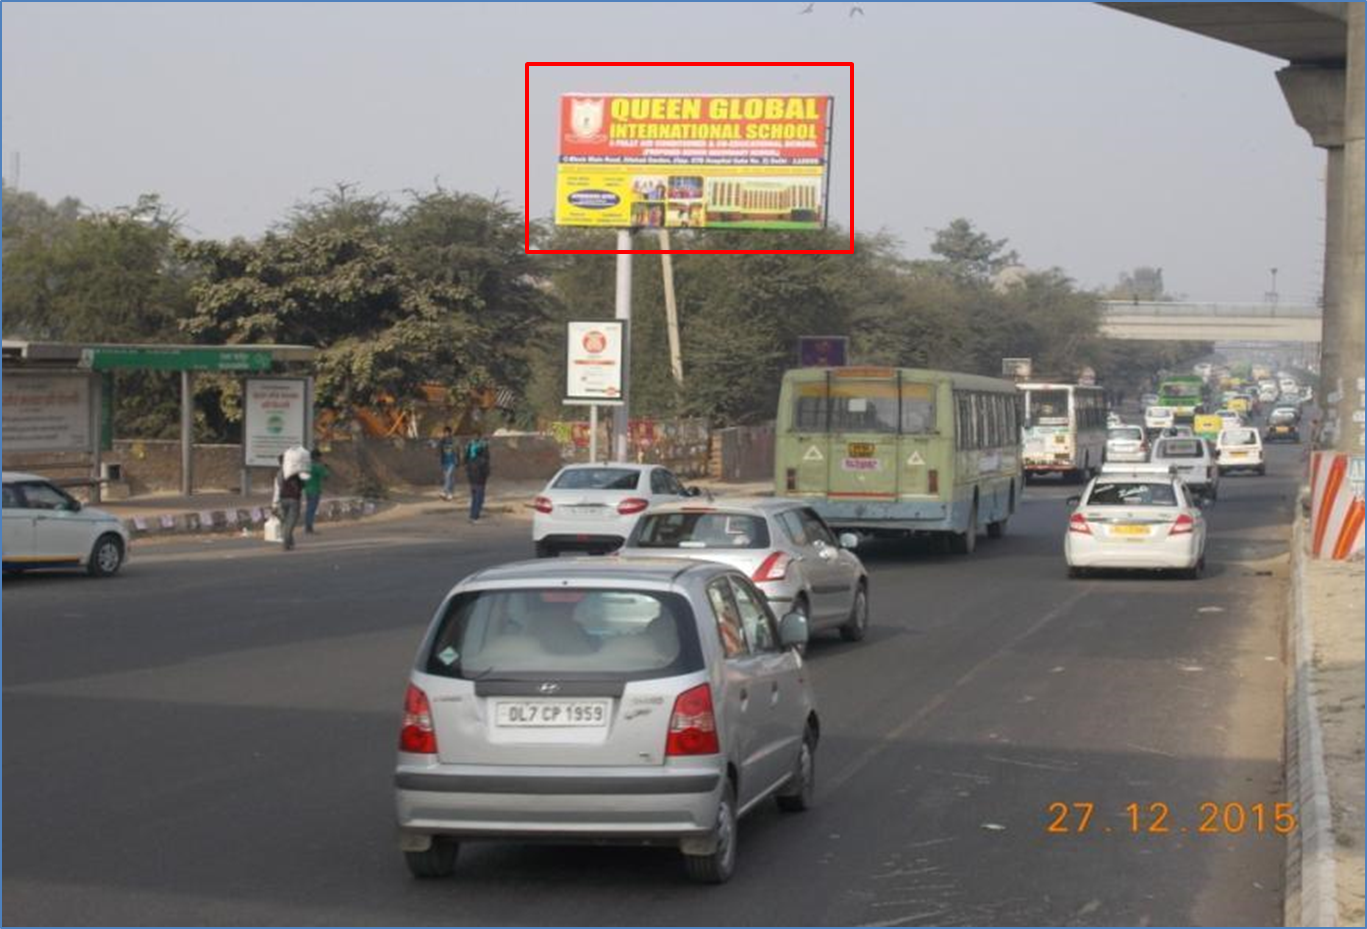 Anand Vihar ISBT, Opp.EDM Mall, Ghazipur, New Delhi